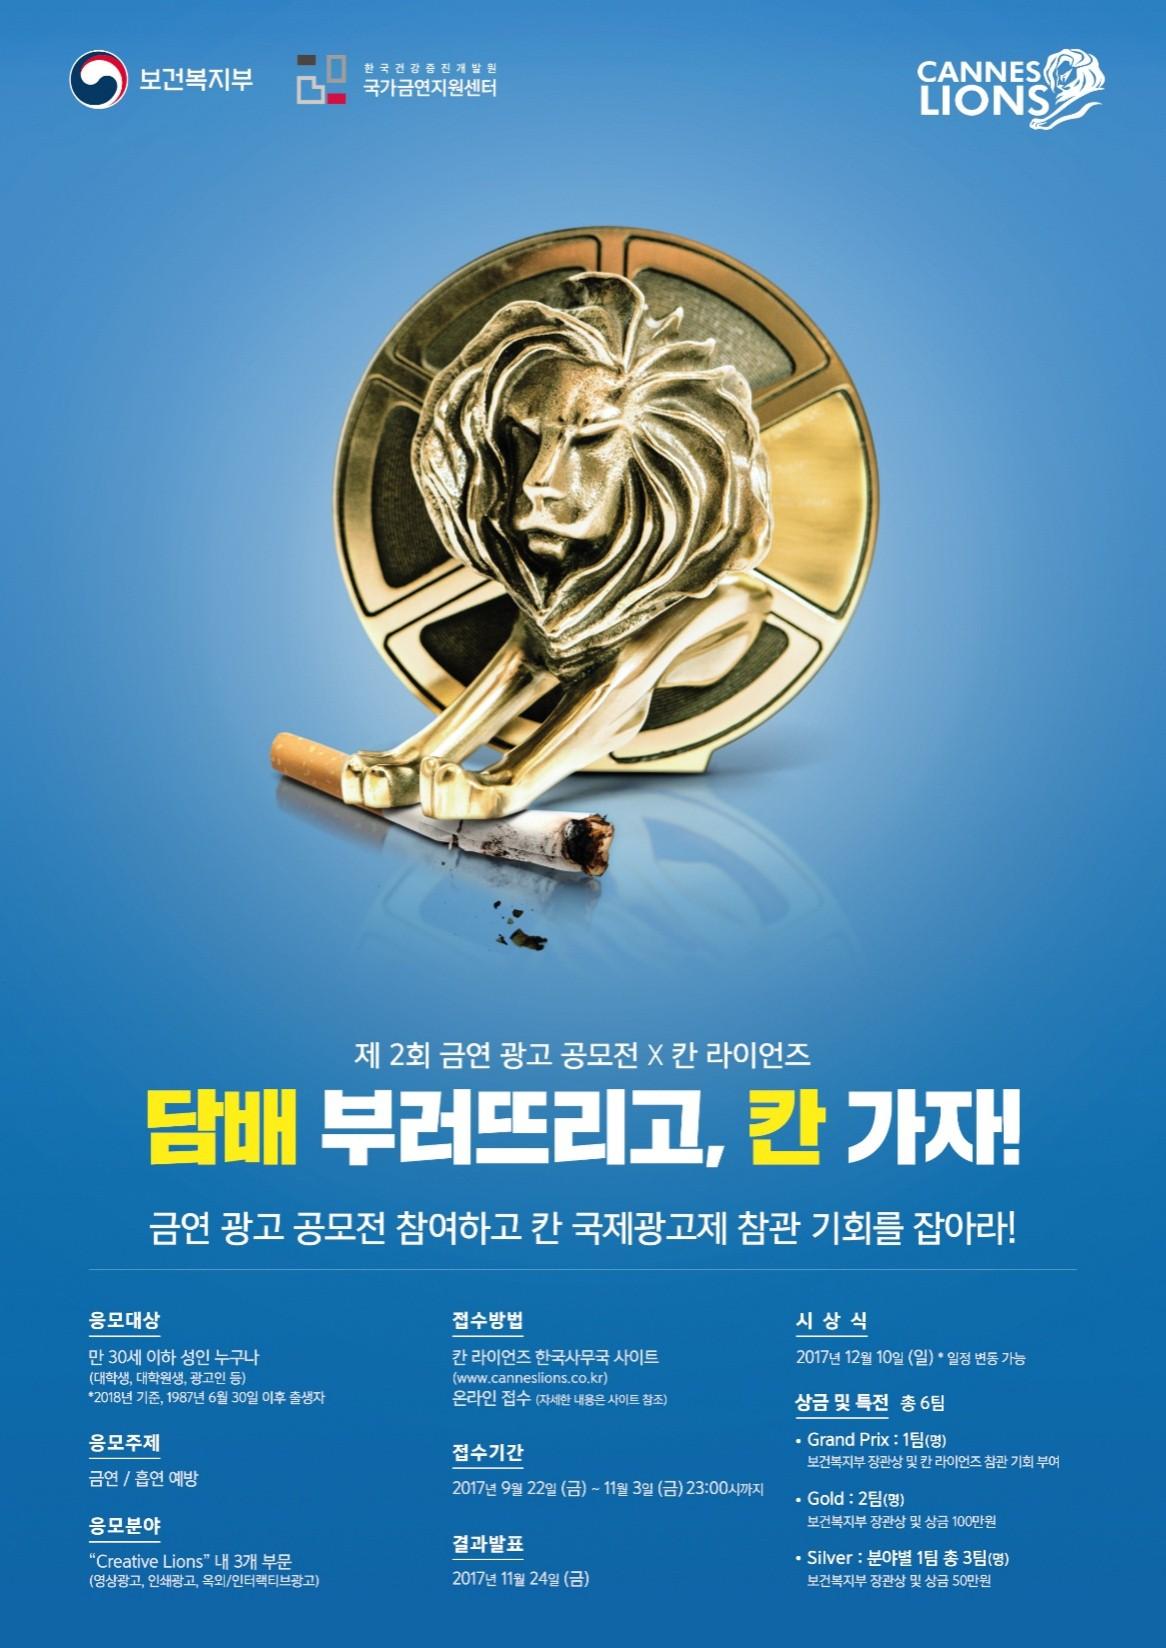 제 2회 금연광고 공모전 + 칸 라이언즈